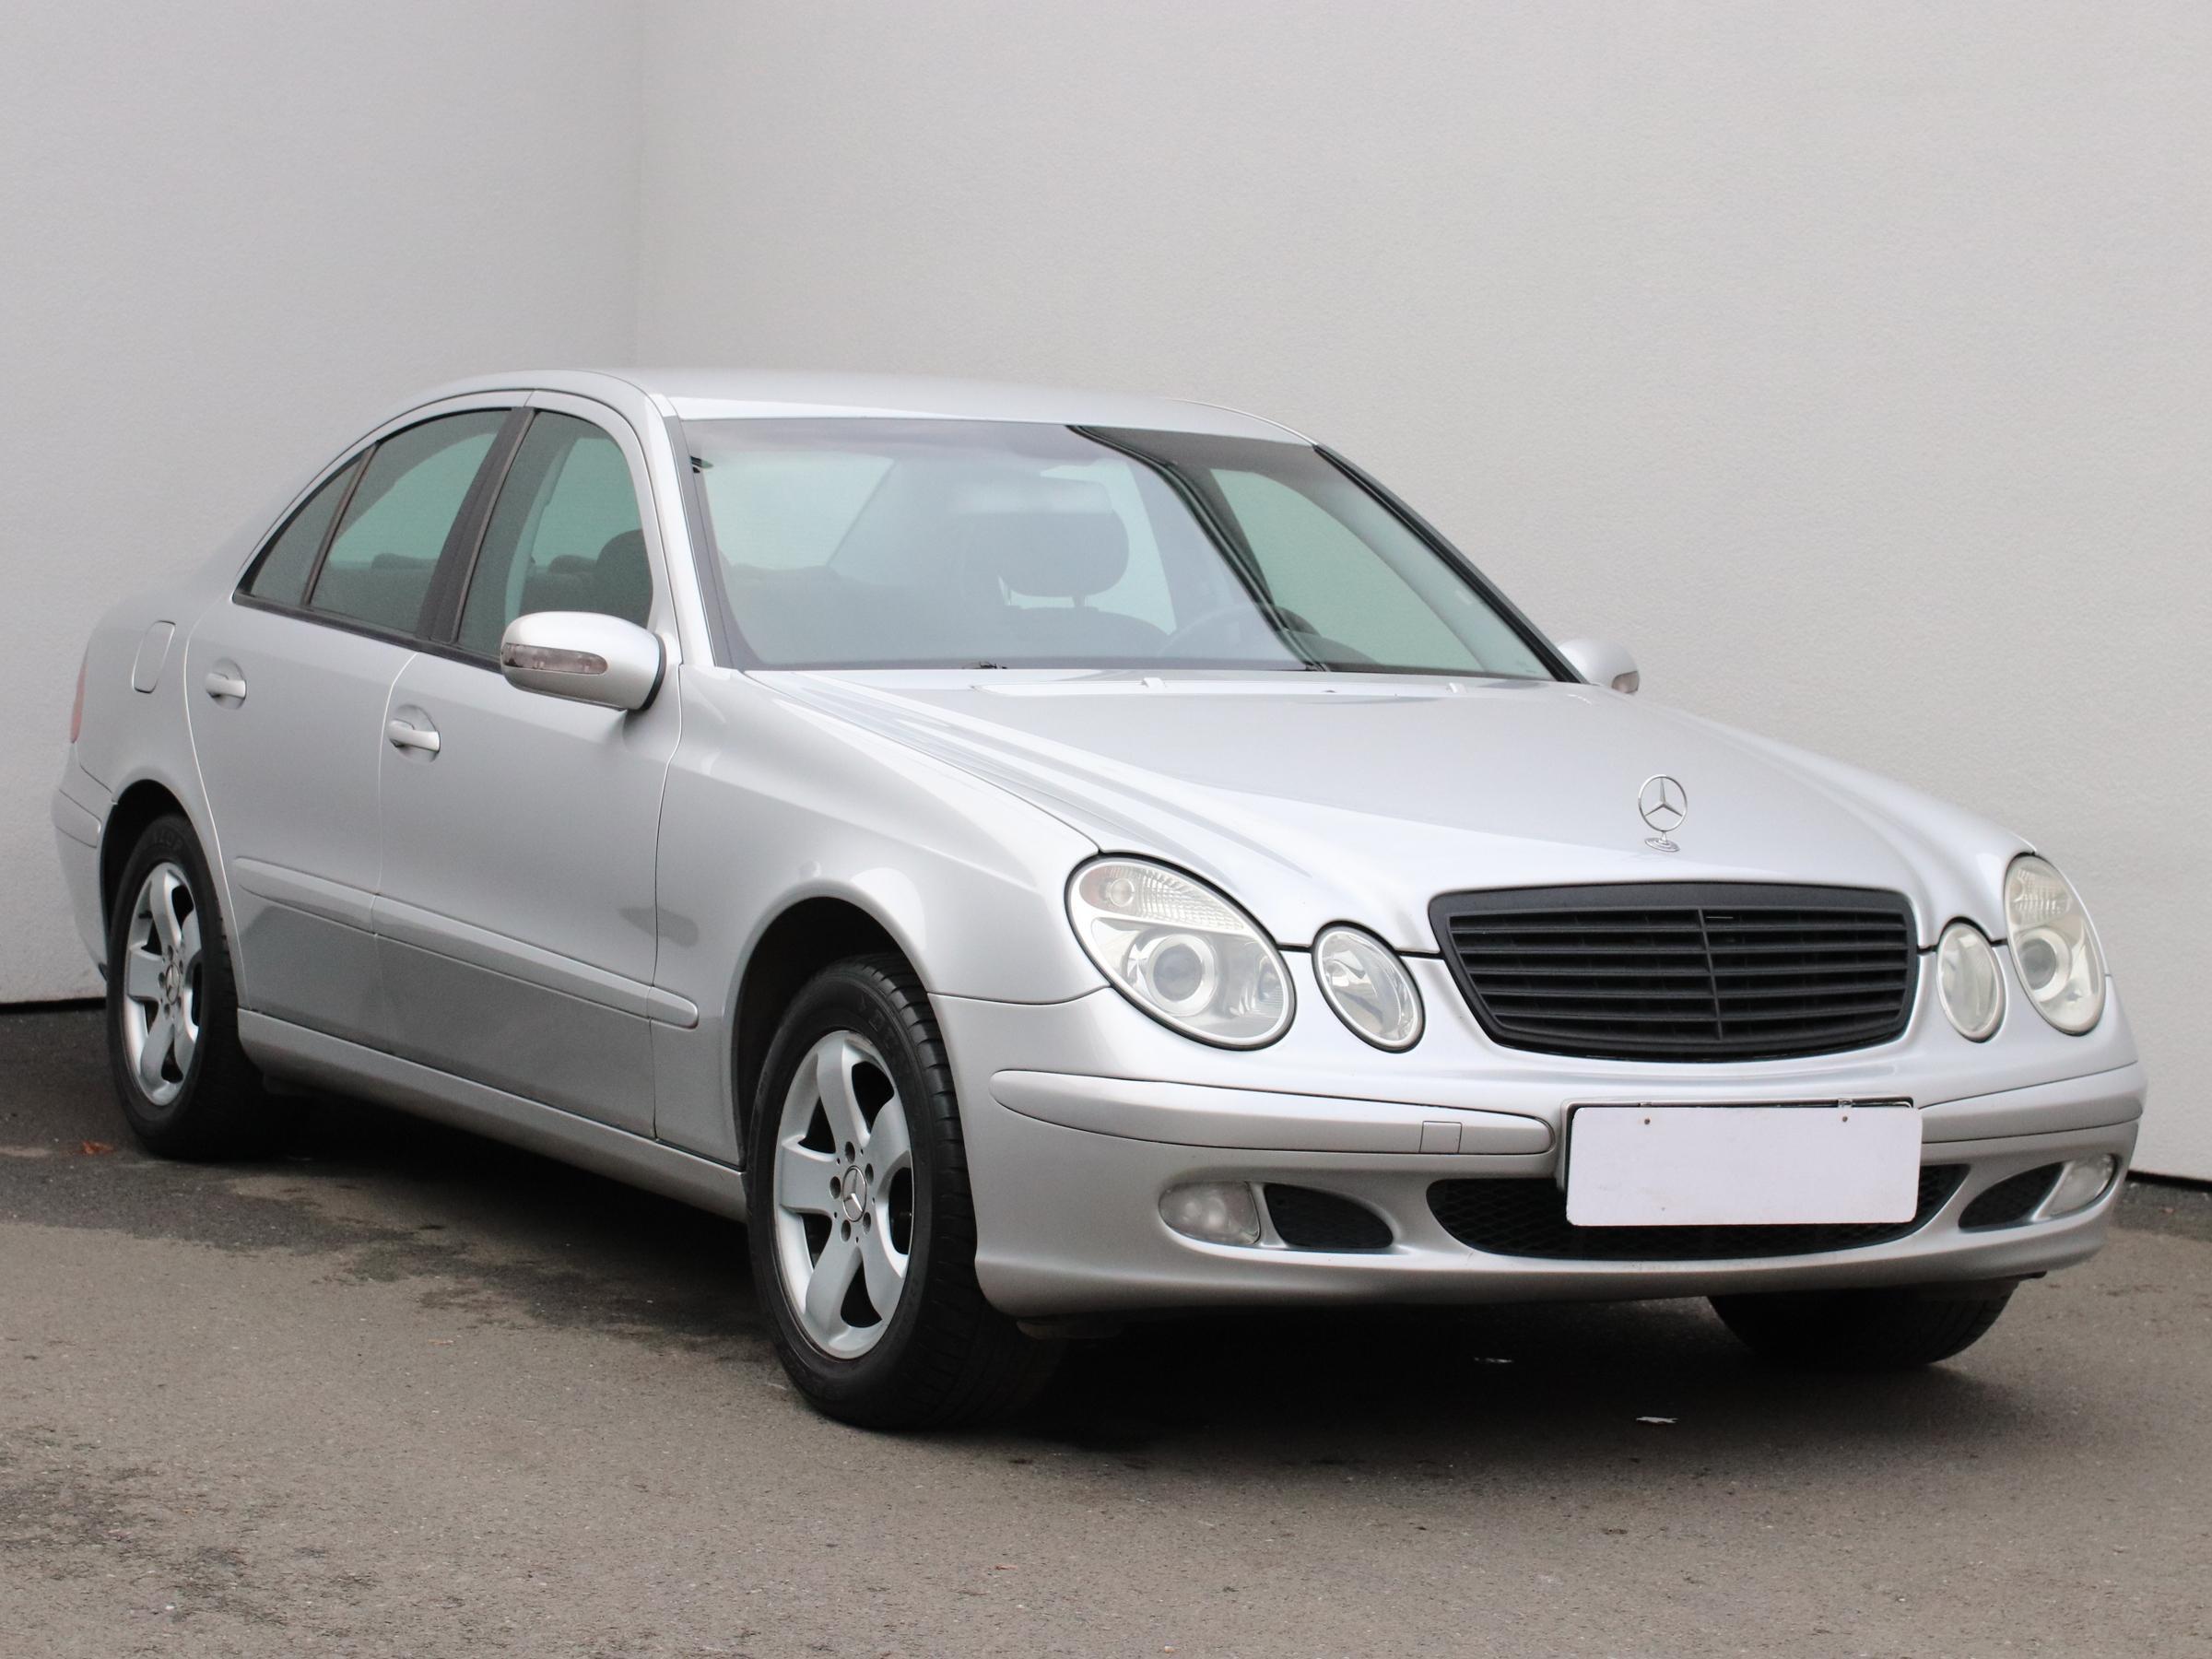 Mercedes-Benz Třída E, 2002